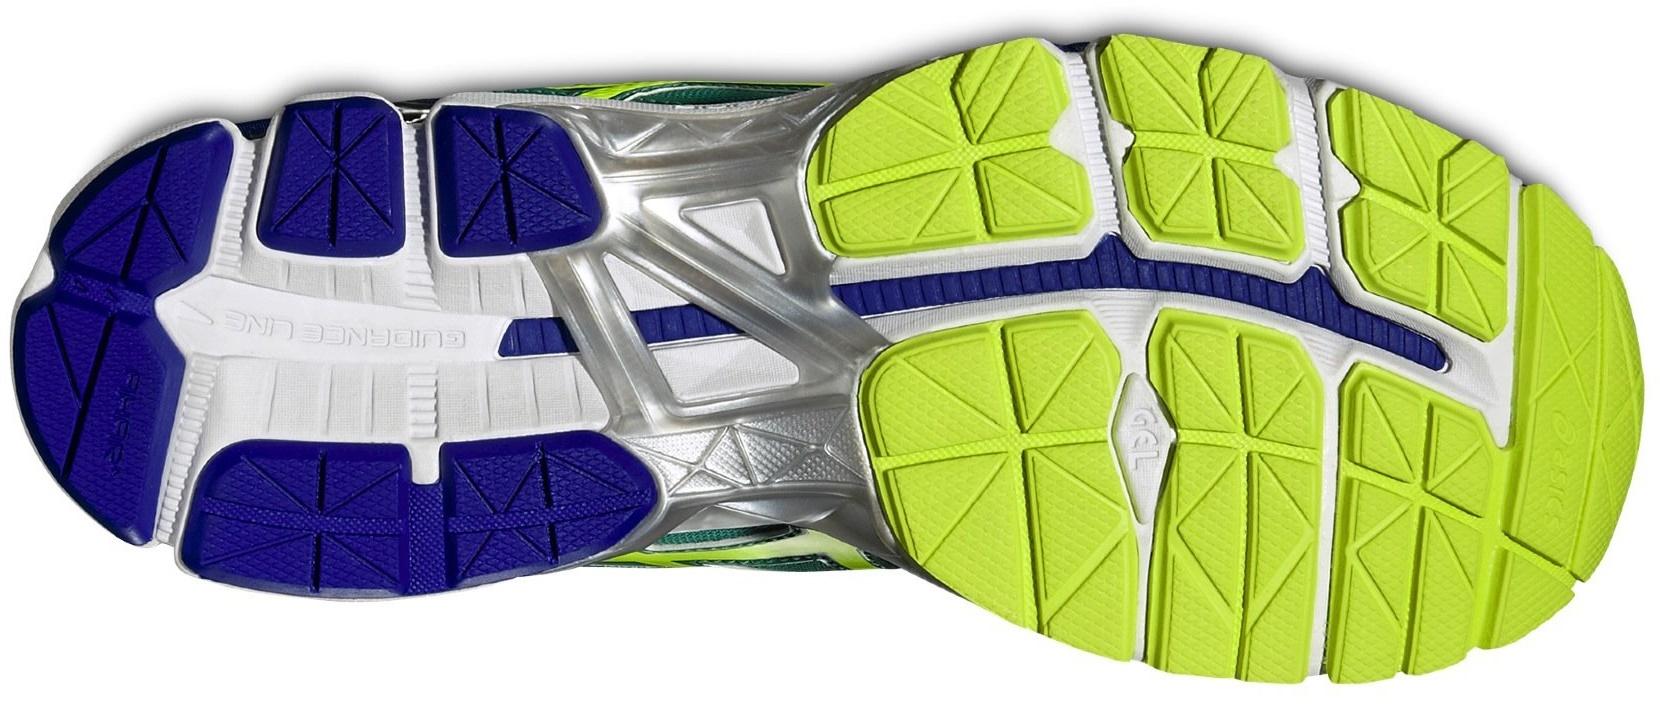 Мужские кроссовки для бега Asics Gel-Pursue 2 (T5D0N 8807) зеленые фото